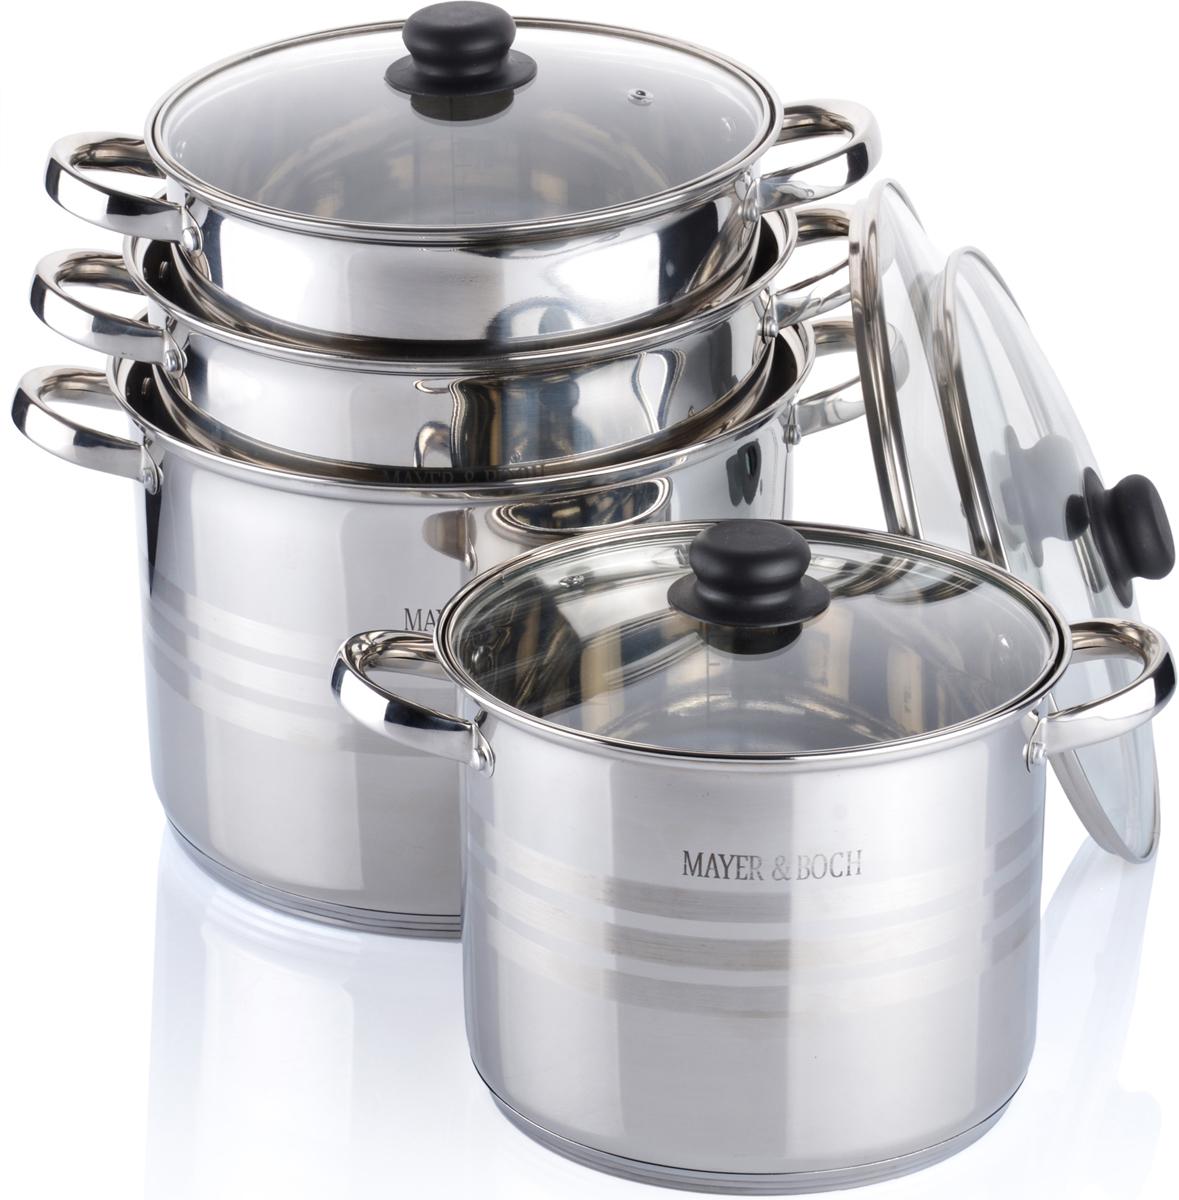 Набор посуды Mayer & Boch, 8 предметов. 26702 набор посуды mayer